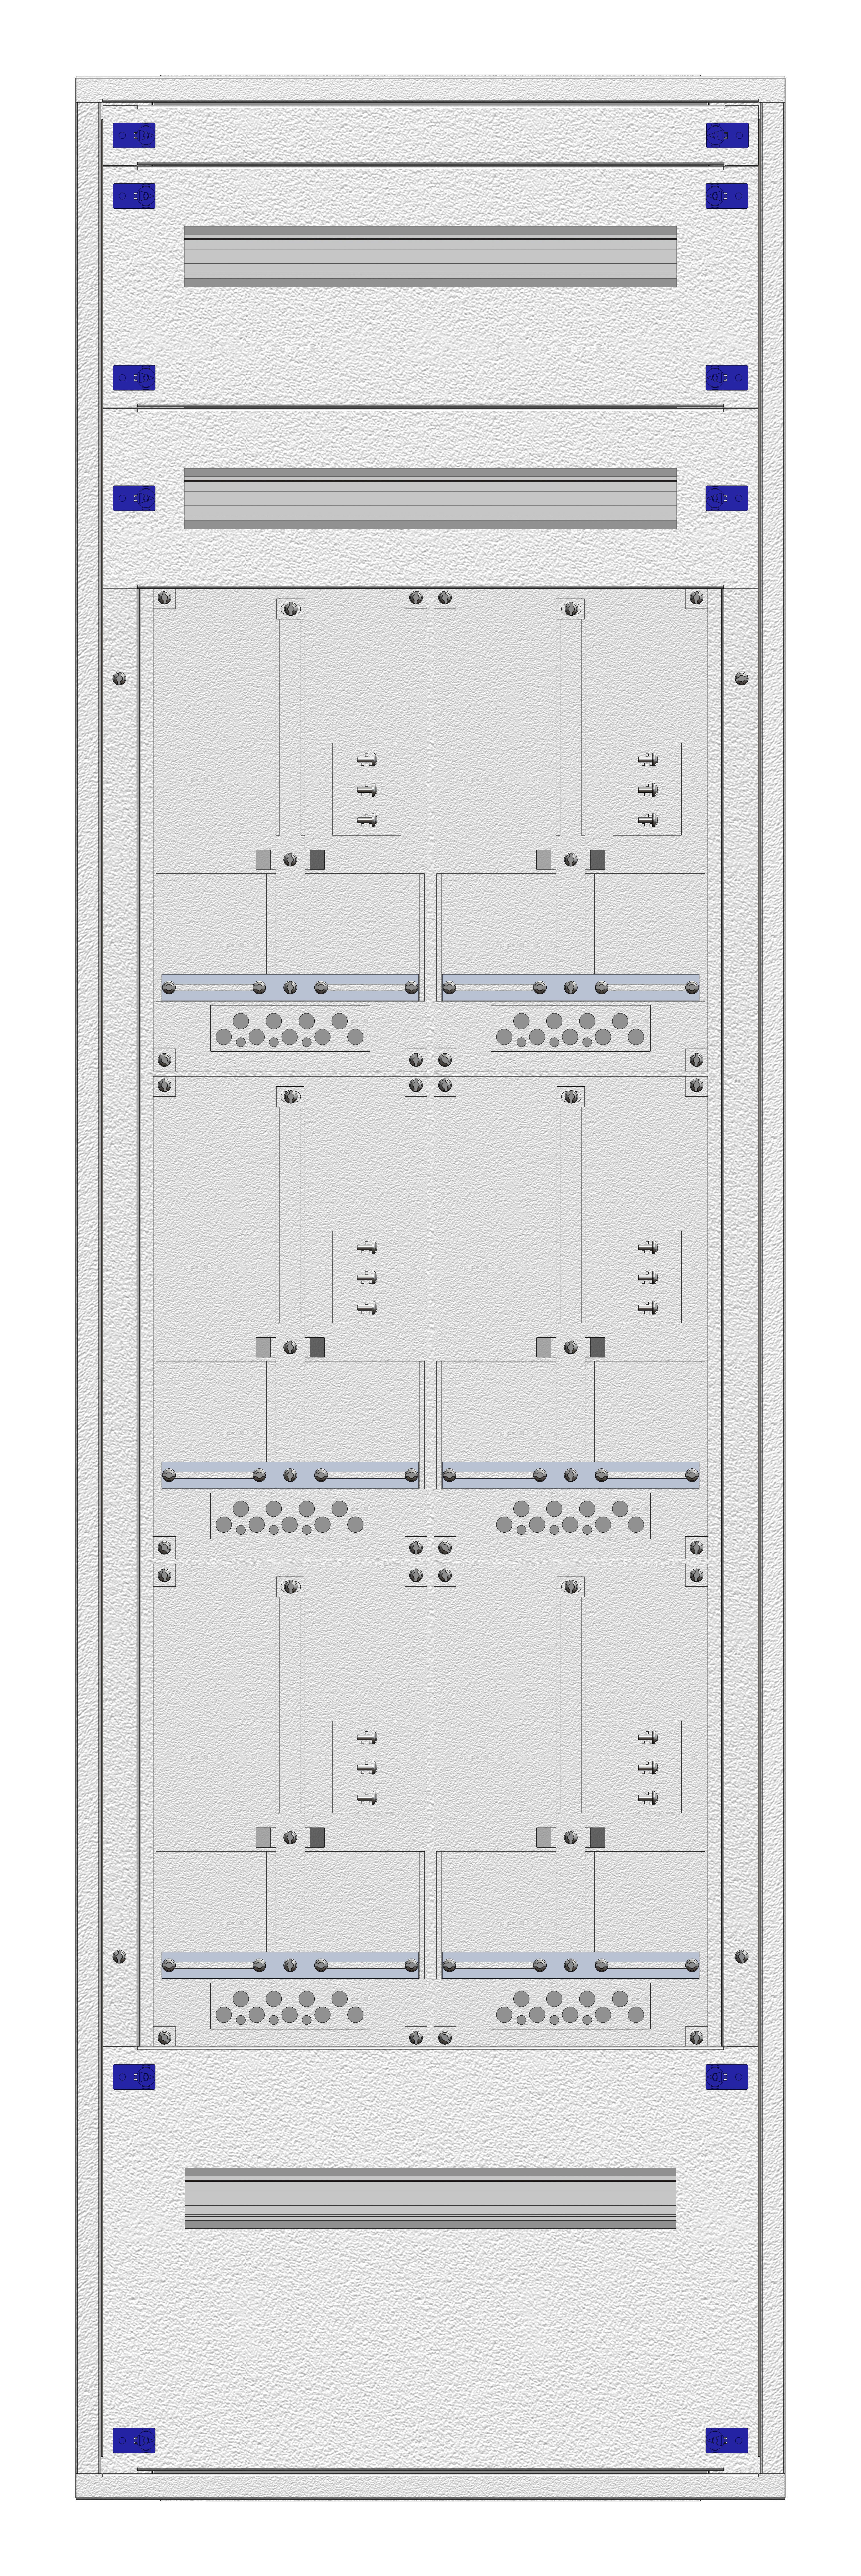 1 Stk Aufputz-Zählerverteiler 2A-39M/OOE 6ZP, H1885B590T250mm IL168239OS